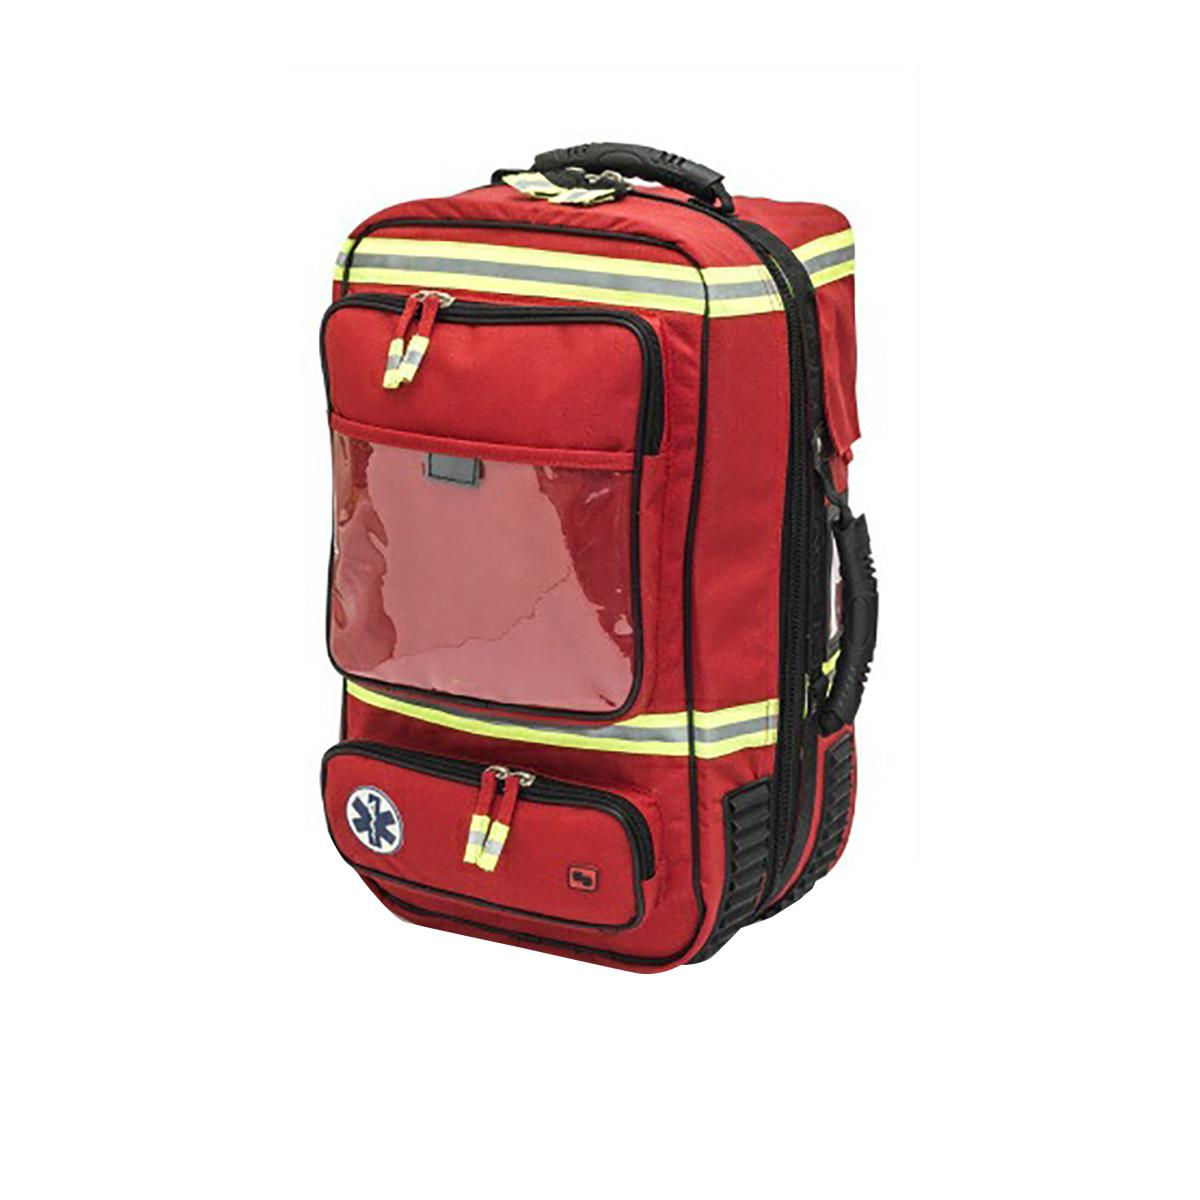 【まとめ買い×5】日進医療器 エリートバッグ EB 呼吸器系用救急バッグ EB02-006